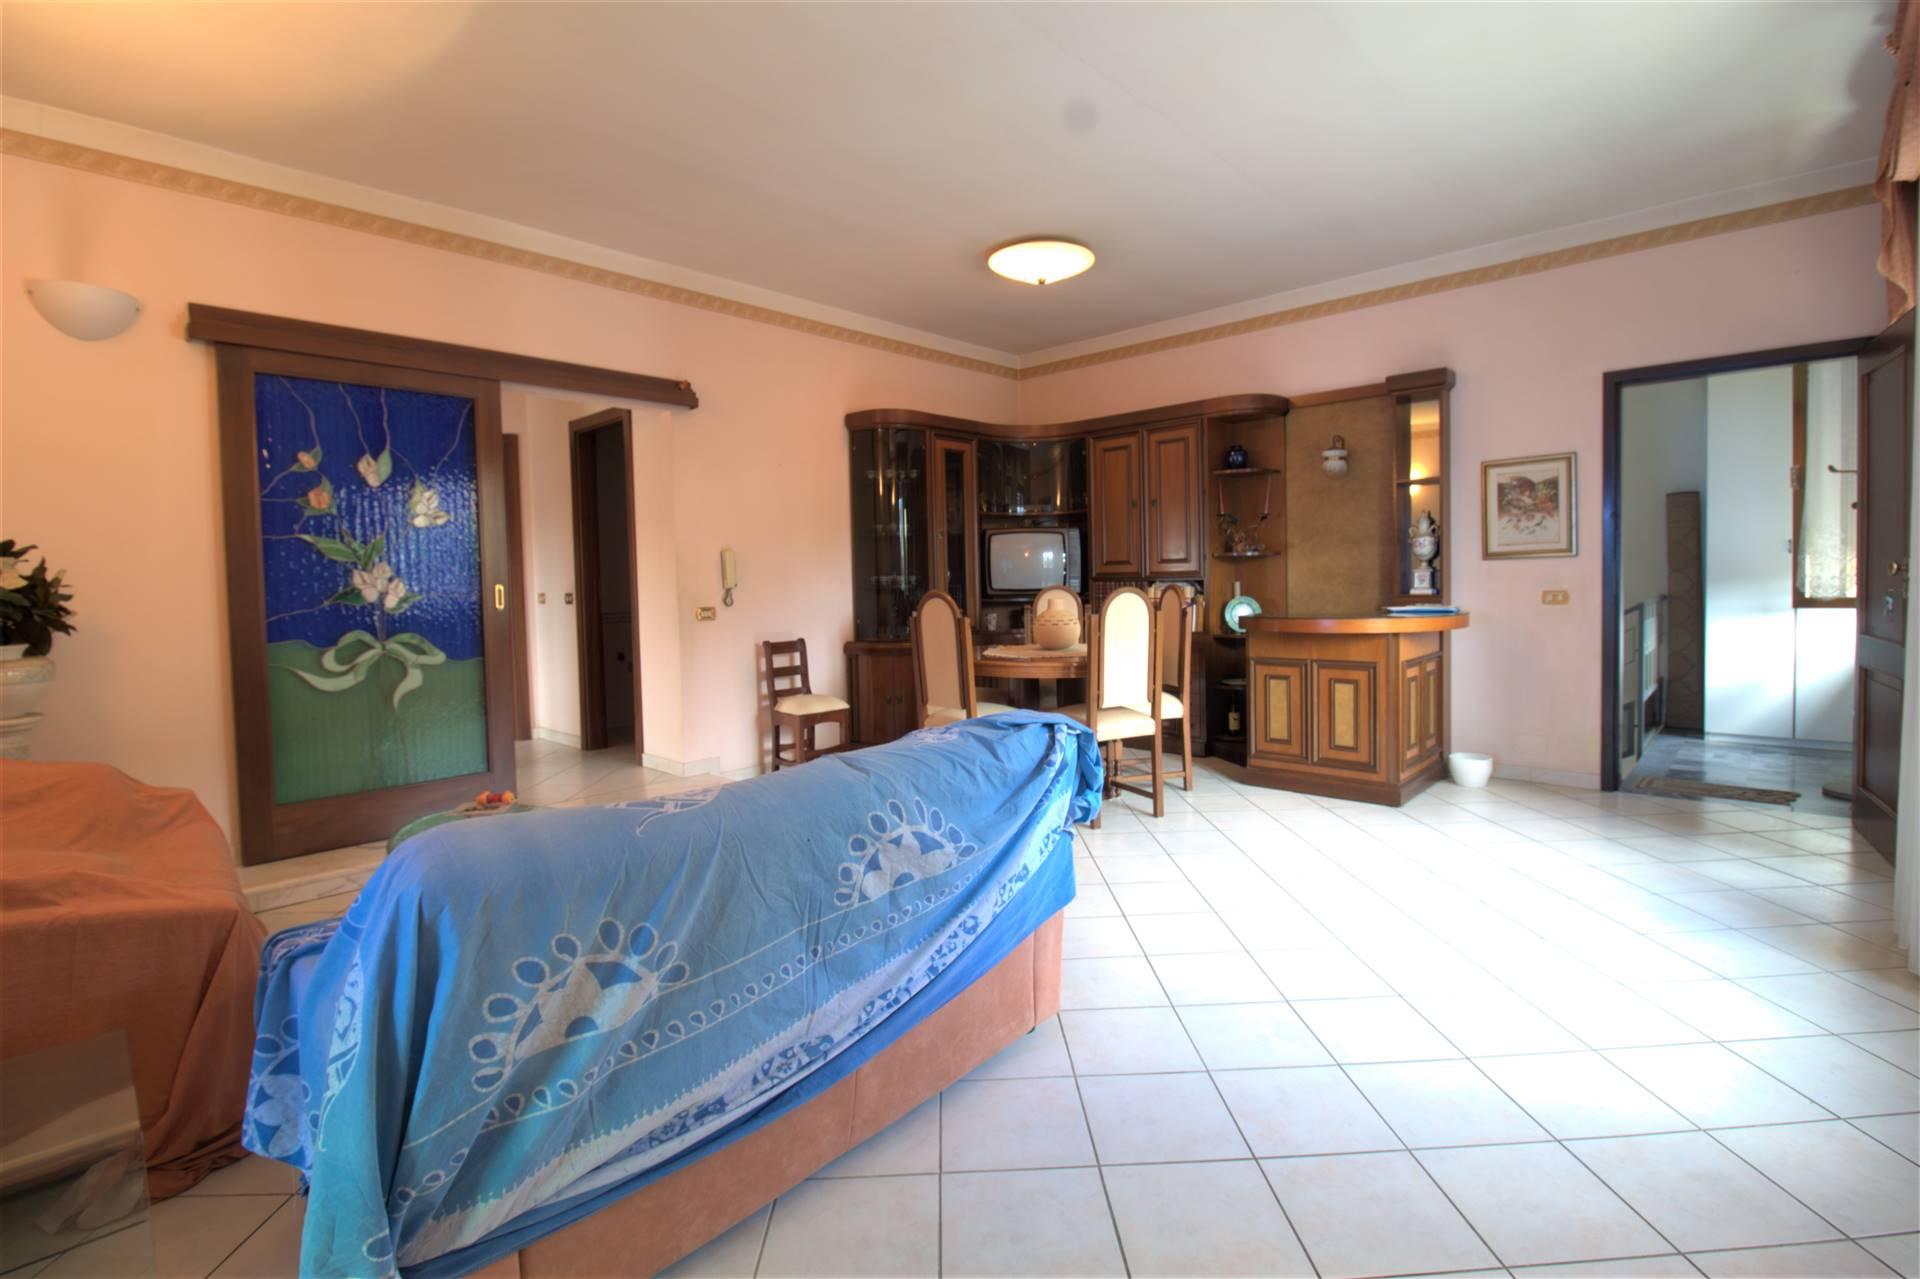 Appartamento in vendita a Licciana Nardi, 7 locali, zona Località: MONTI, prezzo € 148.000   PortaleAgenzieImmobiliari.it